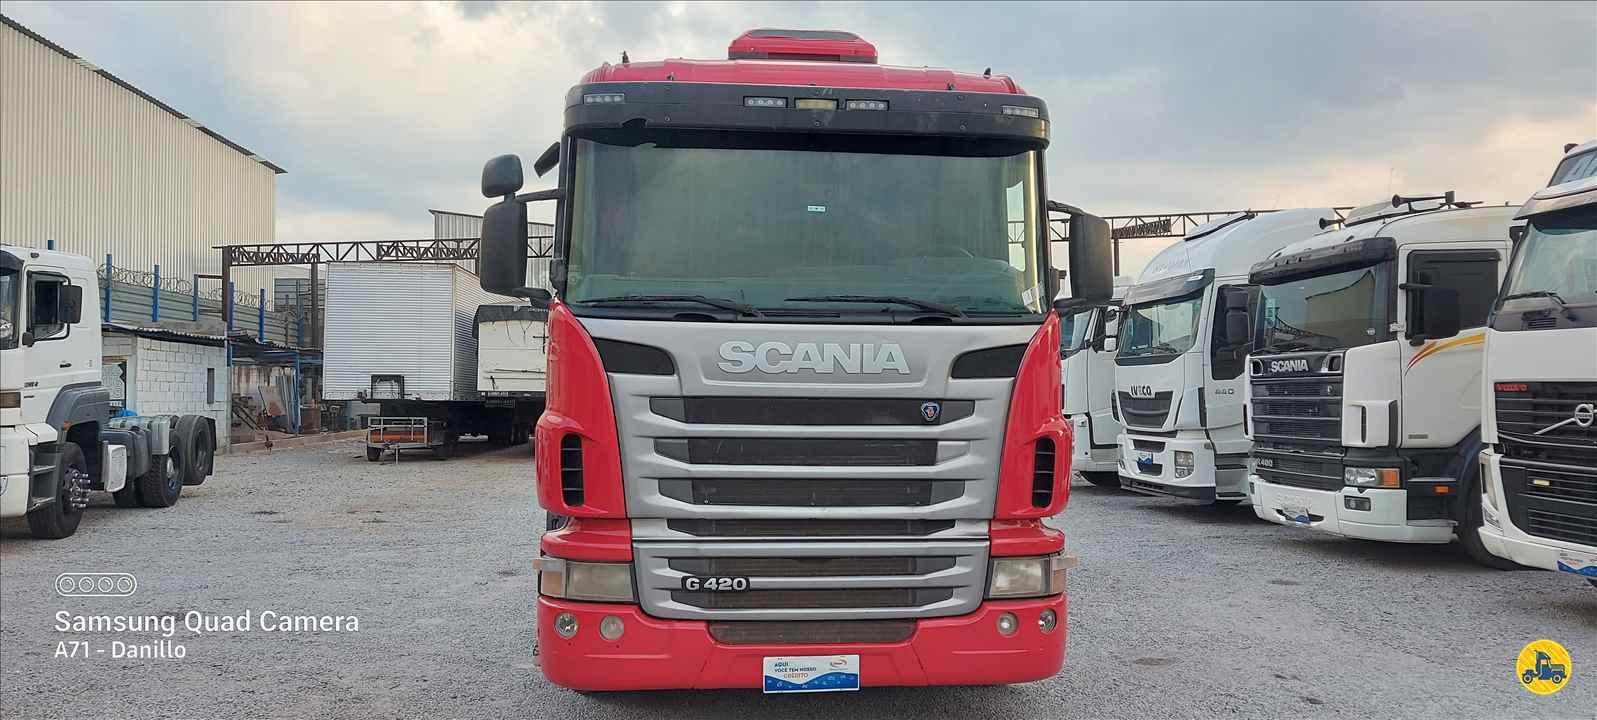 CAMINHAO SCANIA SCANIA 124 420 Cavalo Mecânico Truck 6x2 13 de Maio Caminhões BETIM MINAS GERAIS MG